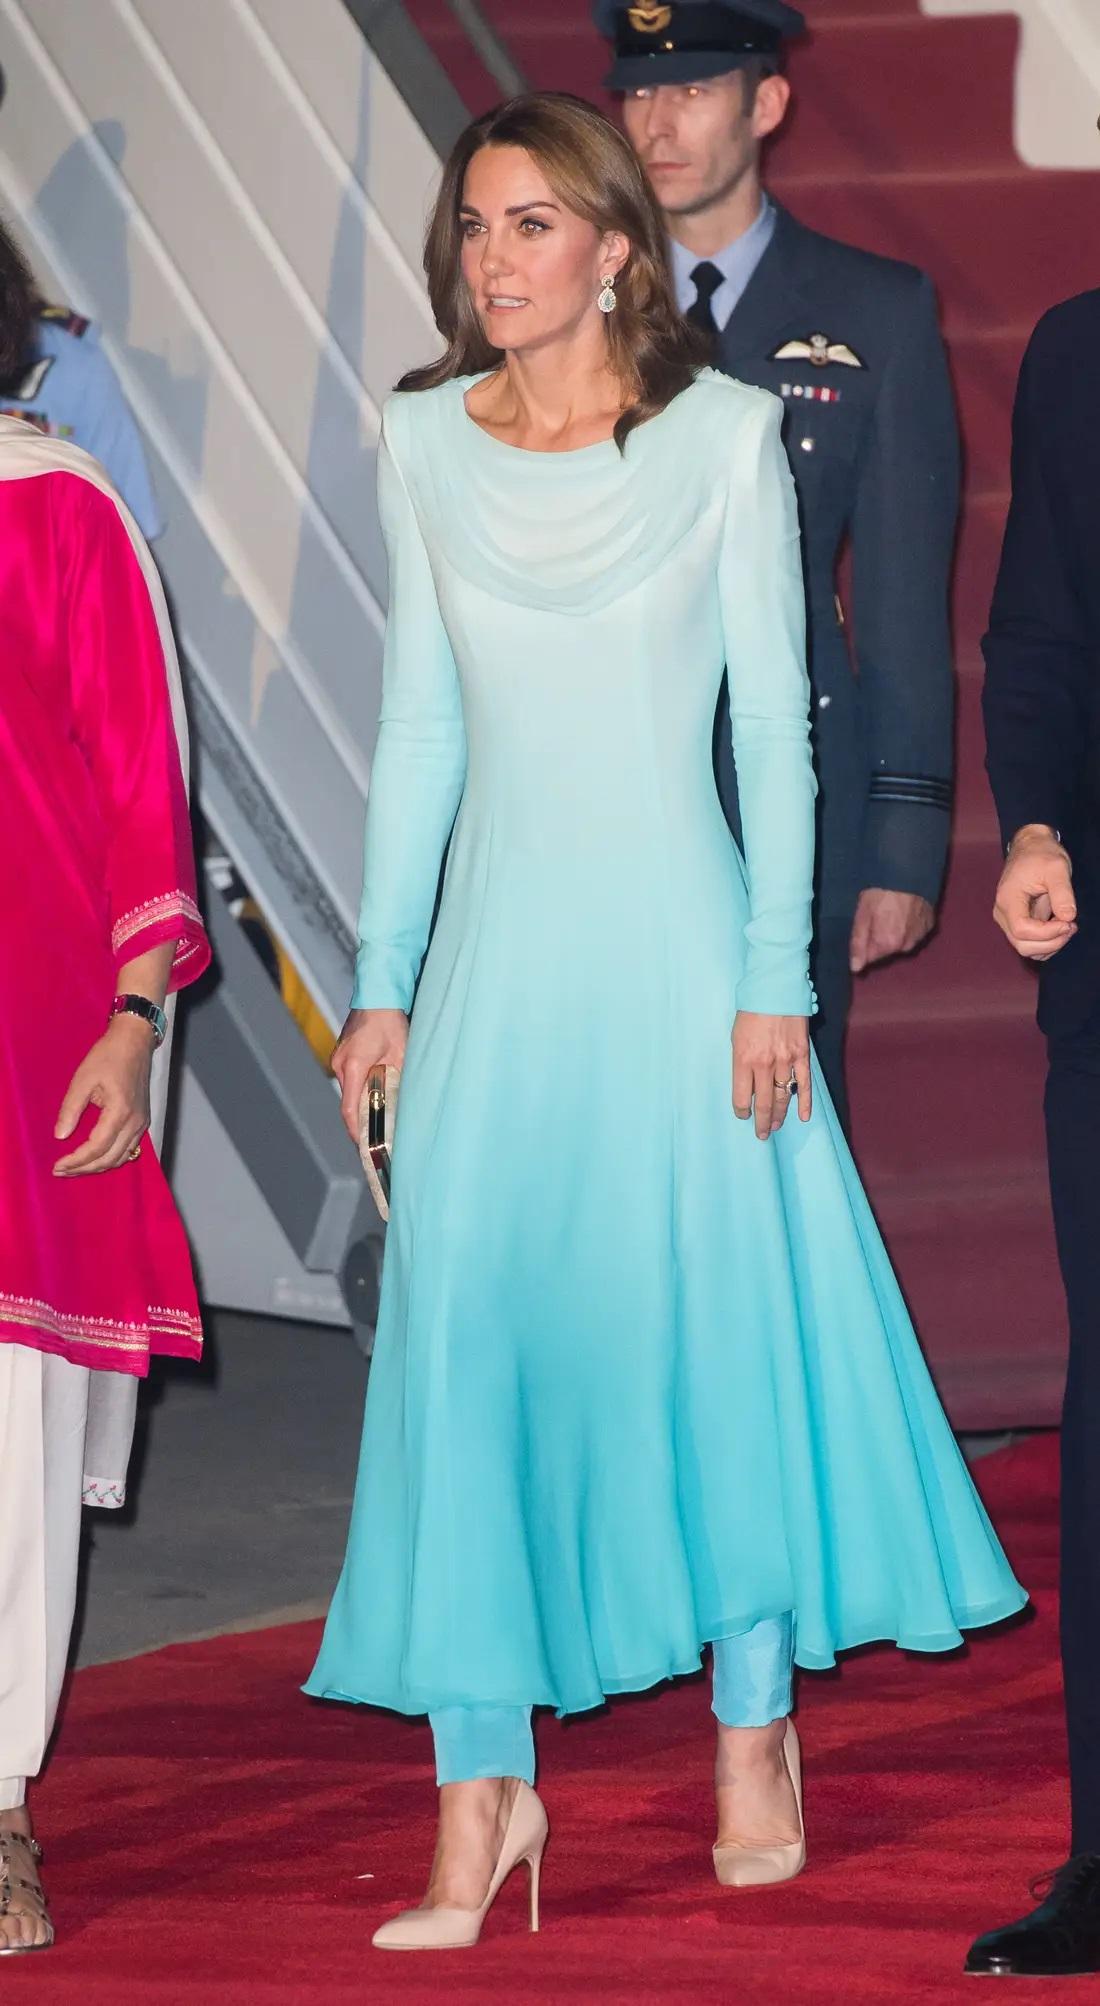 आप चाहें तो केट मिडलटन की तरह ब्लू लाॅन्ग फ्राॅक सूट कैरी कर स्टाइलिश दिख सकती हैं।